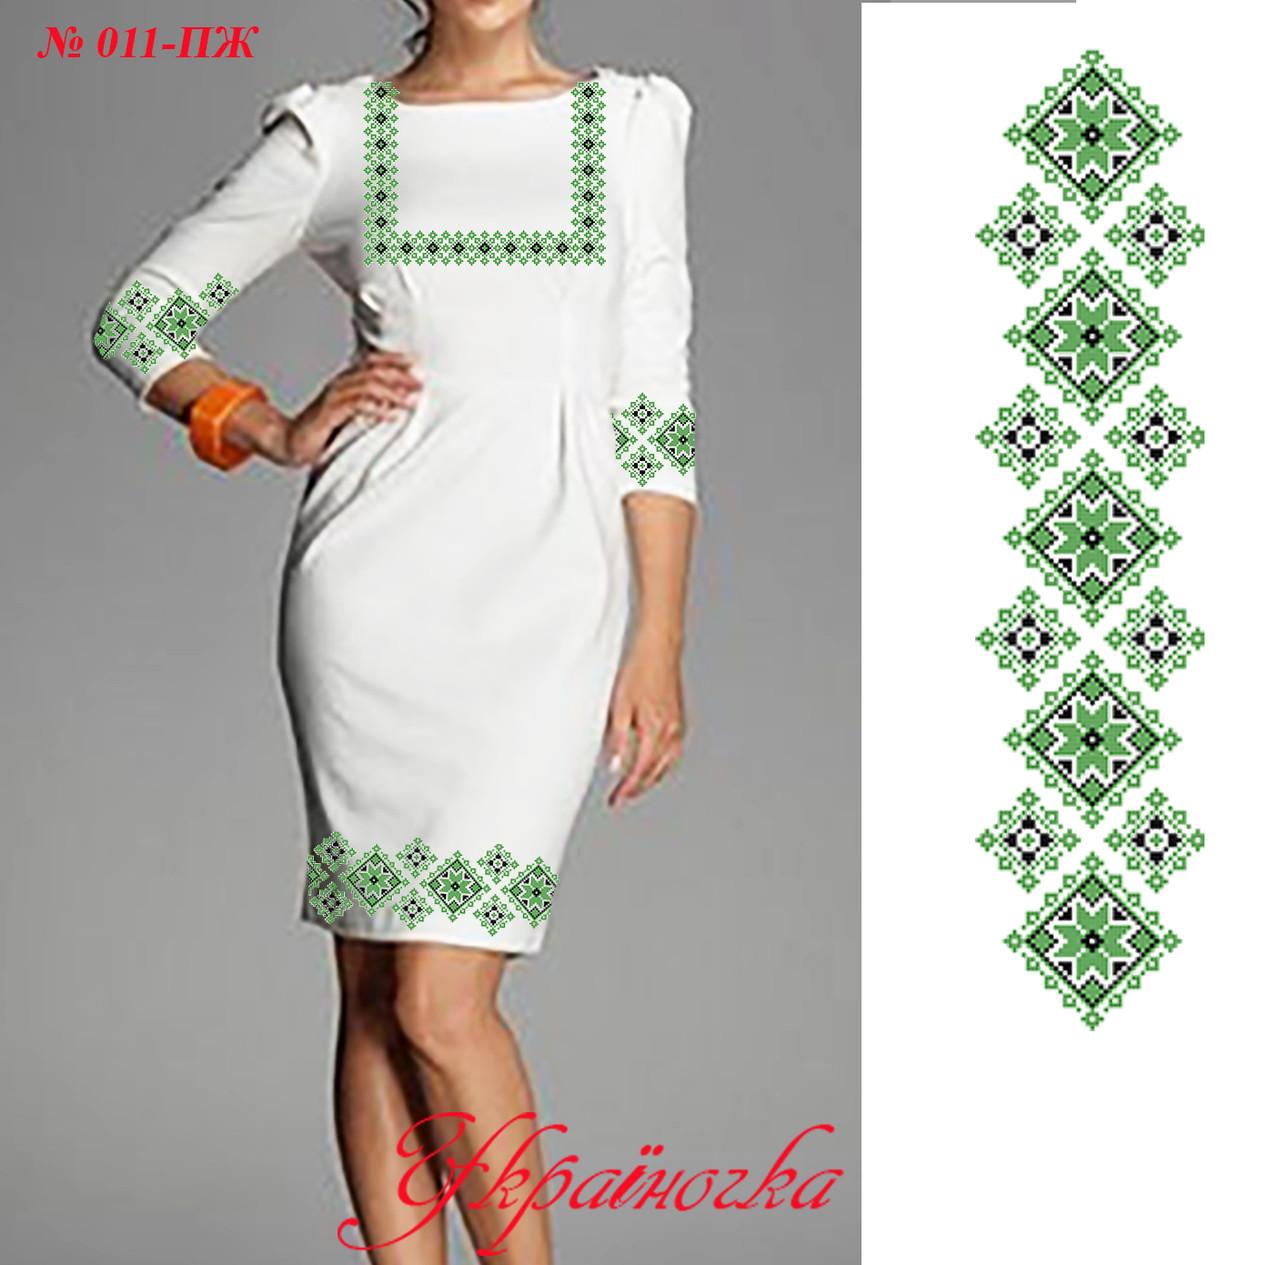 Заготовка  жіночого плаття №011